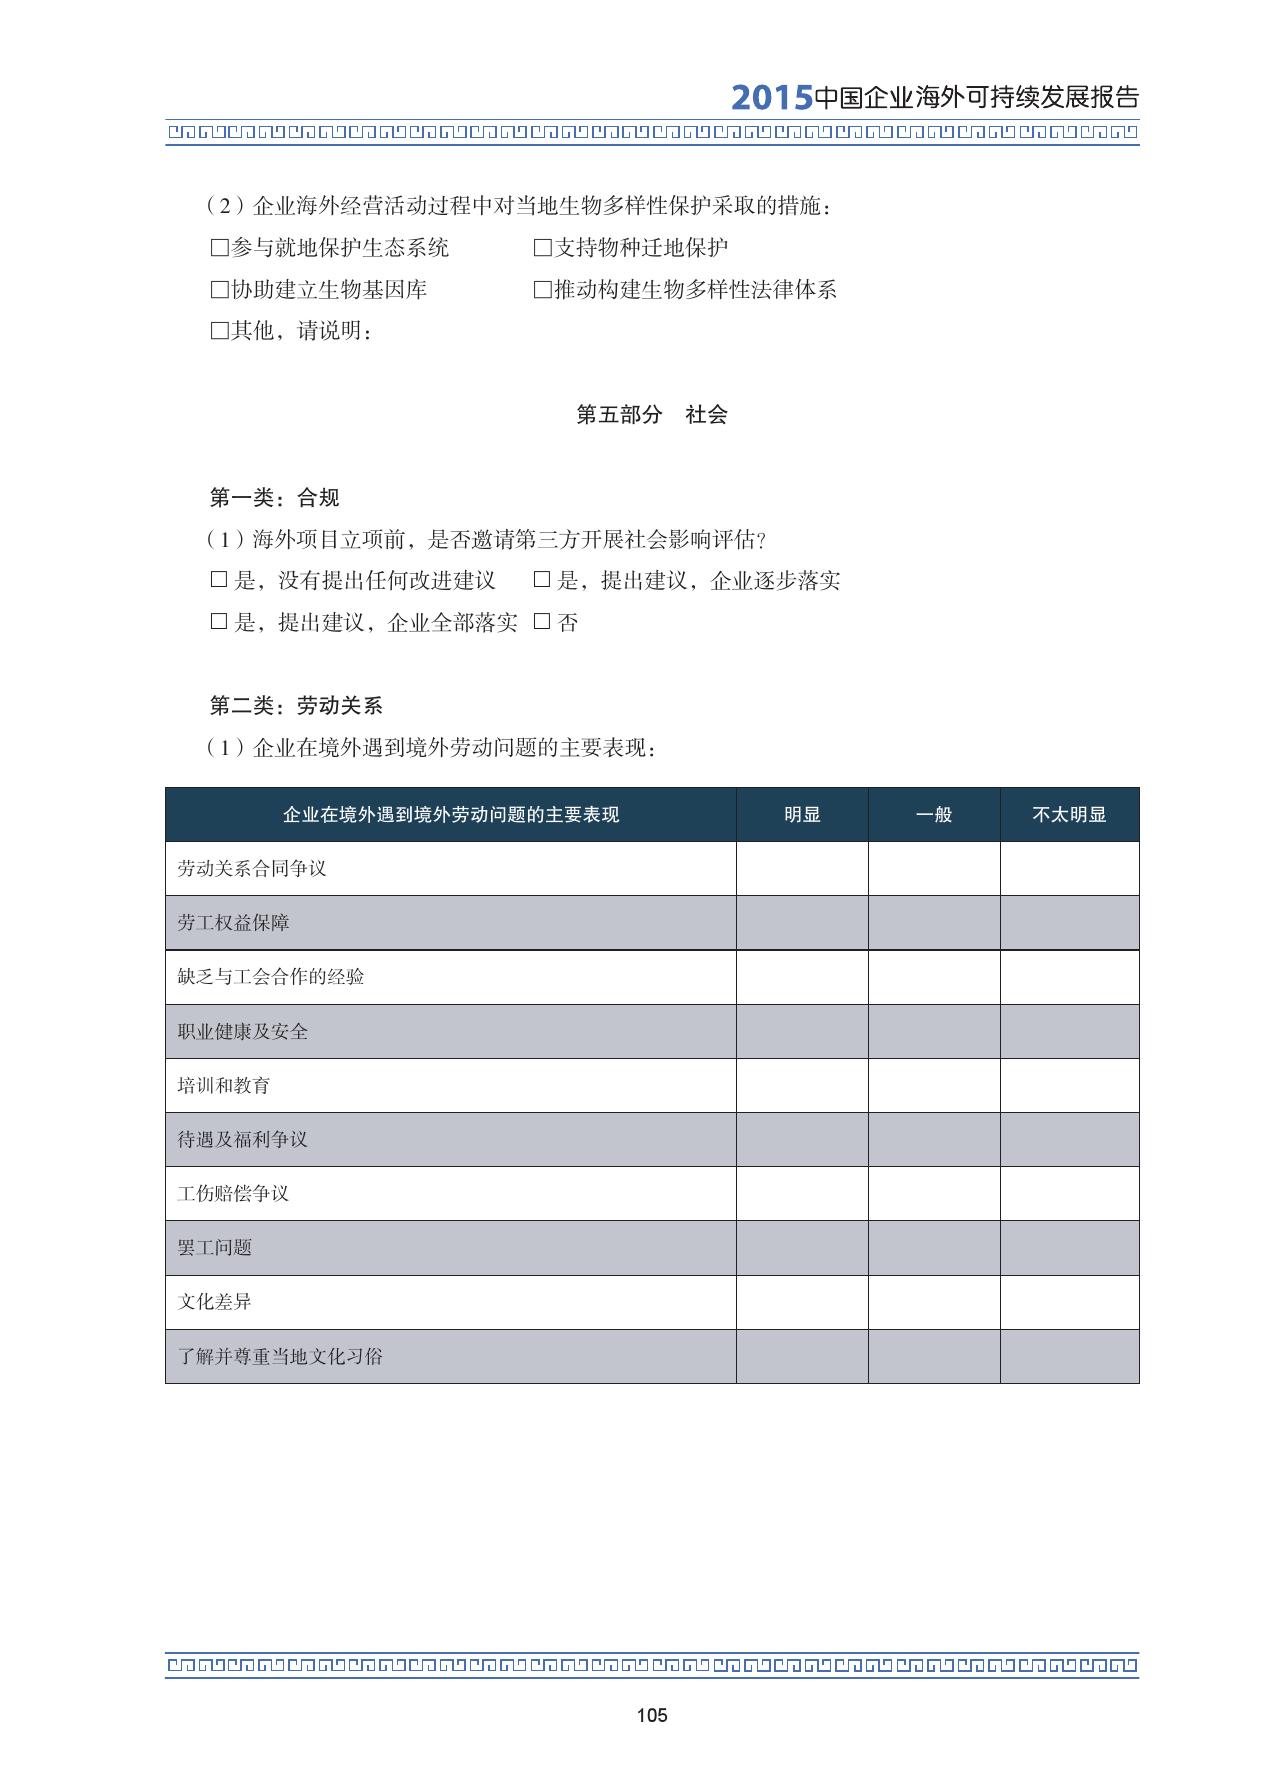 2015中国企业海外可持续发展报告_000119